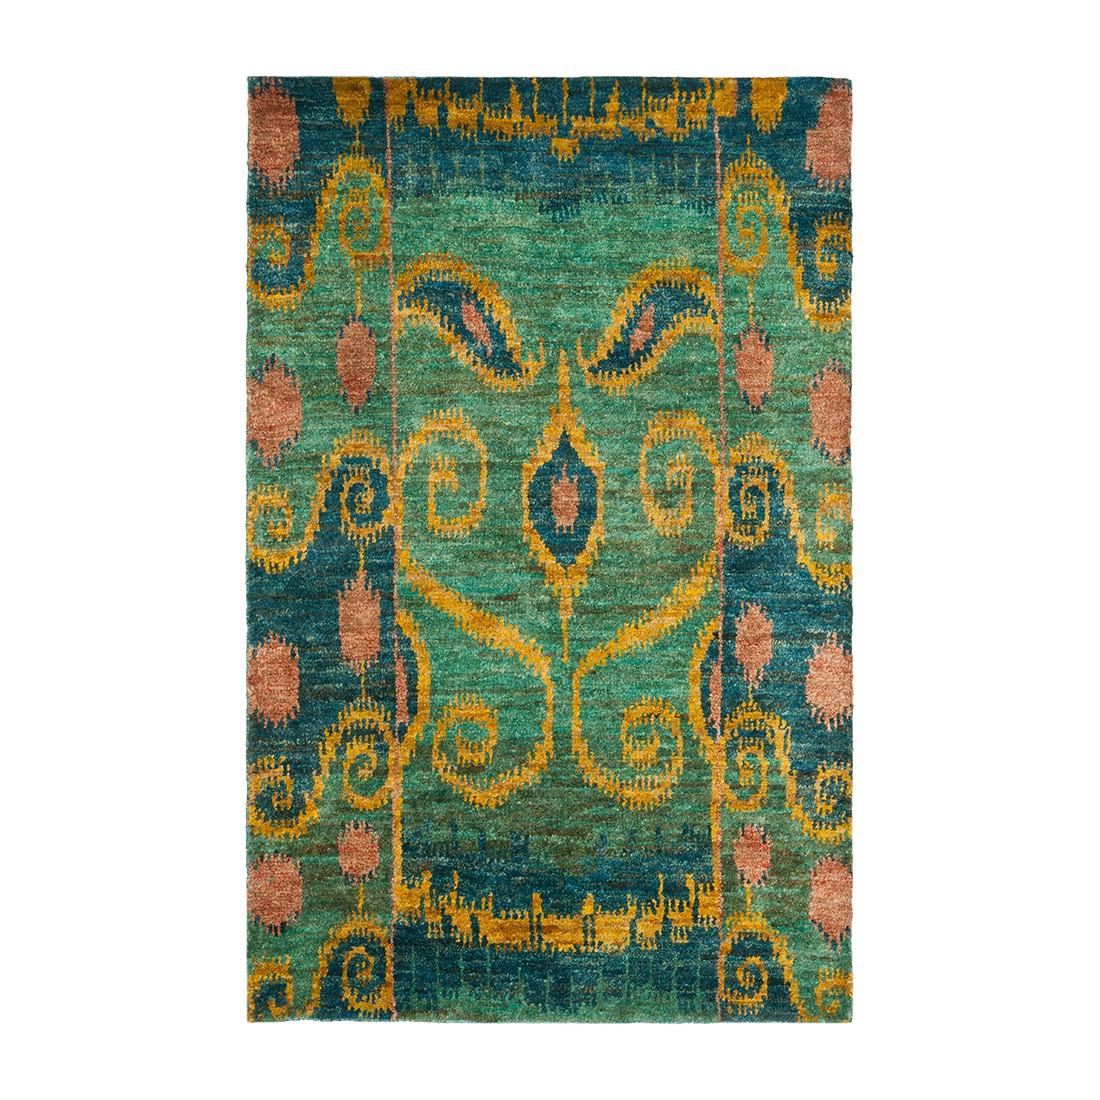 Teppich Wellwood – Indigo, Safavieh günstig kaufen